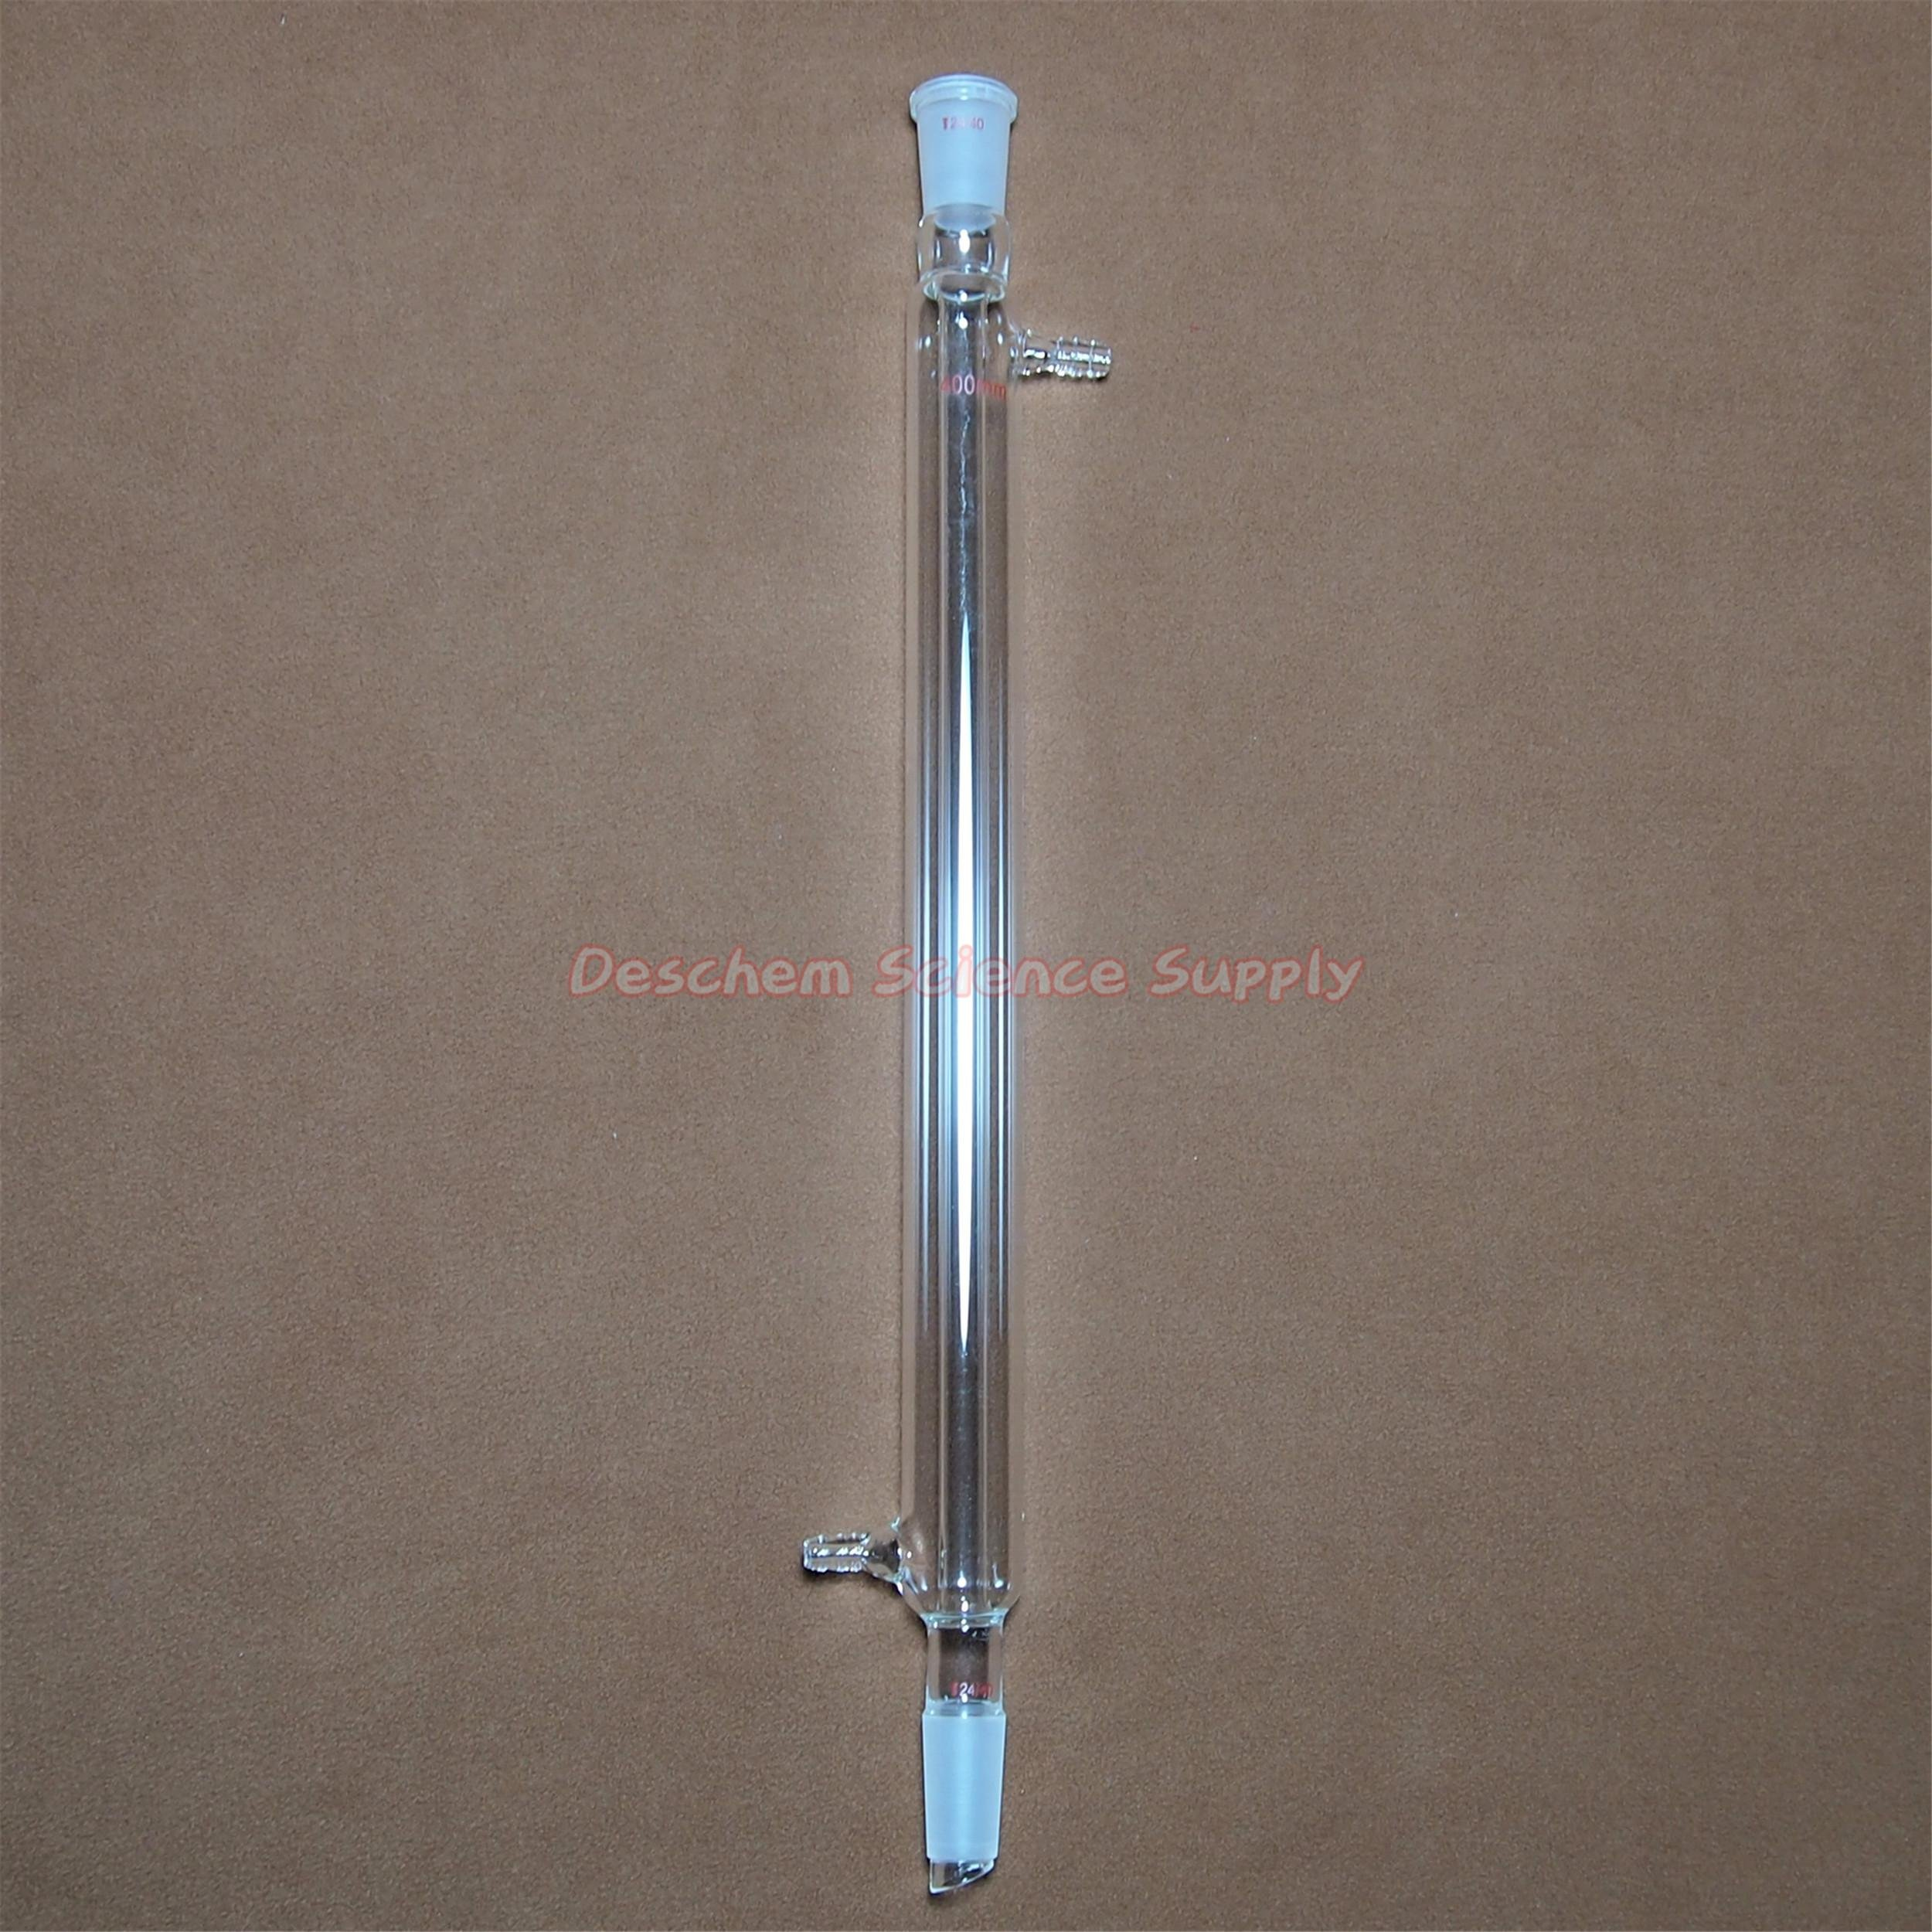 Deschem 500mm 24/40 Liebig Condenser,24/40,Glass West Column,Lab Glassware